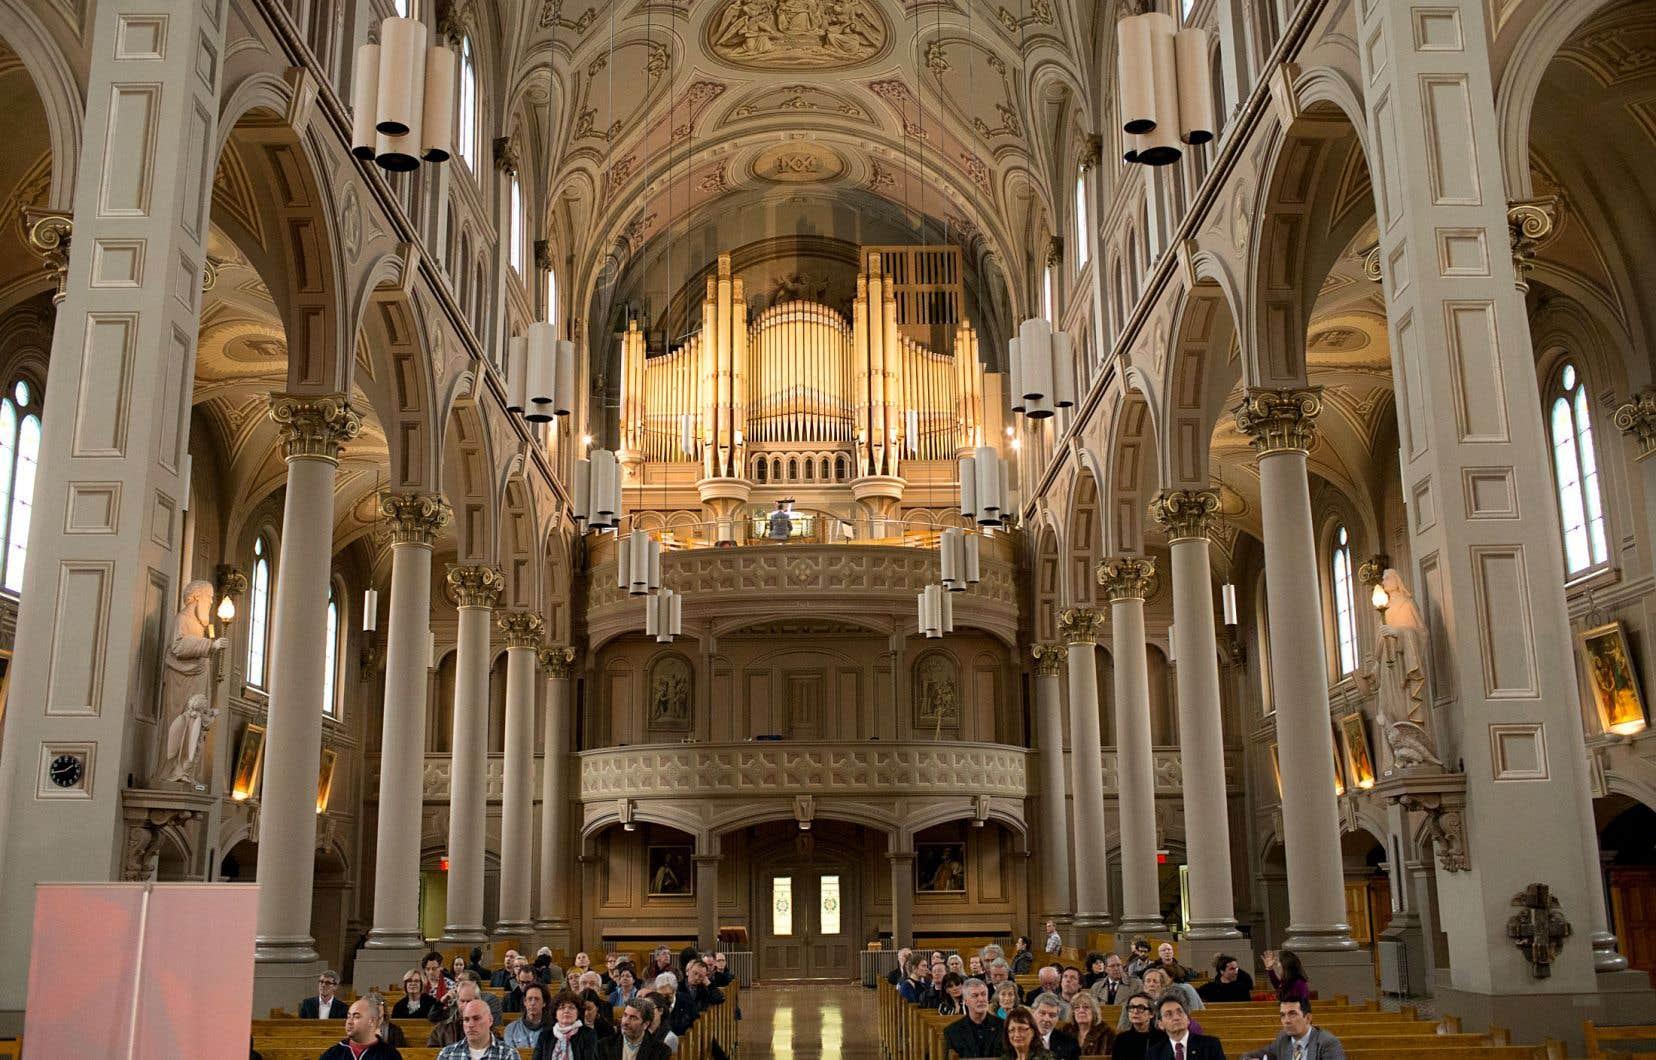 Une large portion du patrimoine artistique et architectural québécois est issue de l'Église catholique.